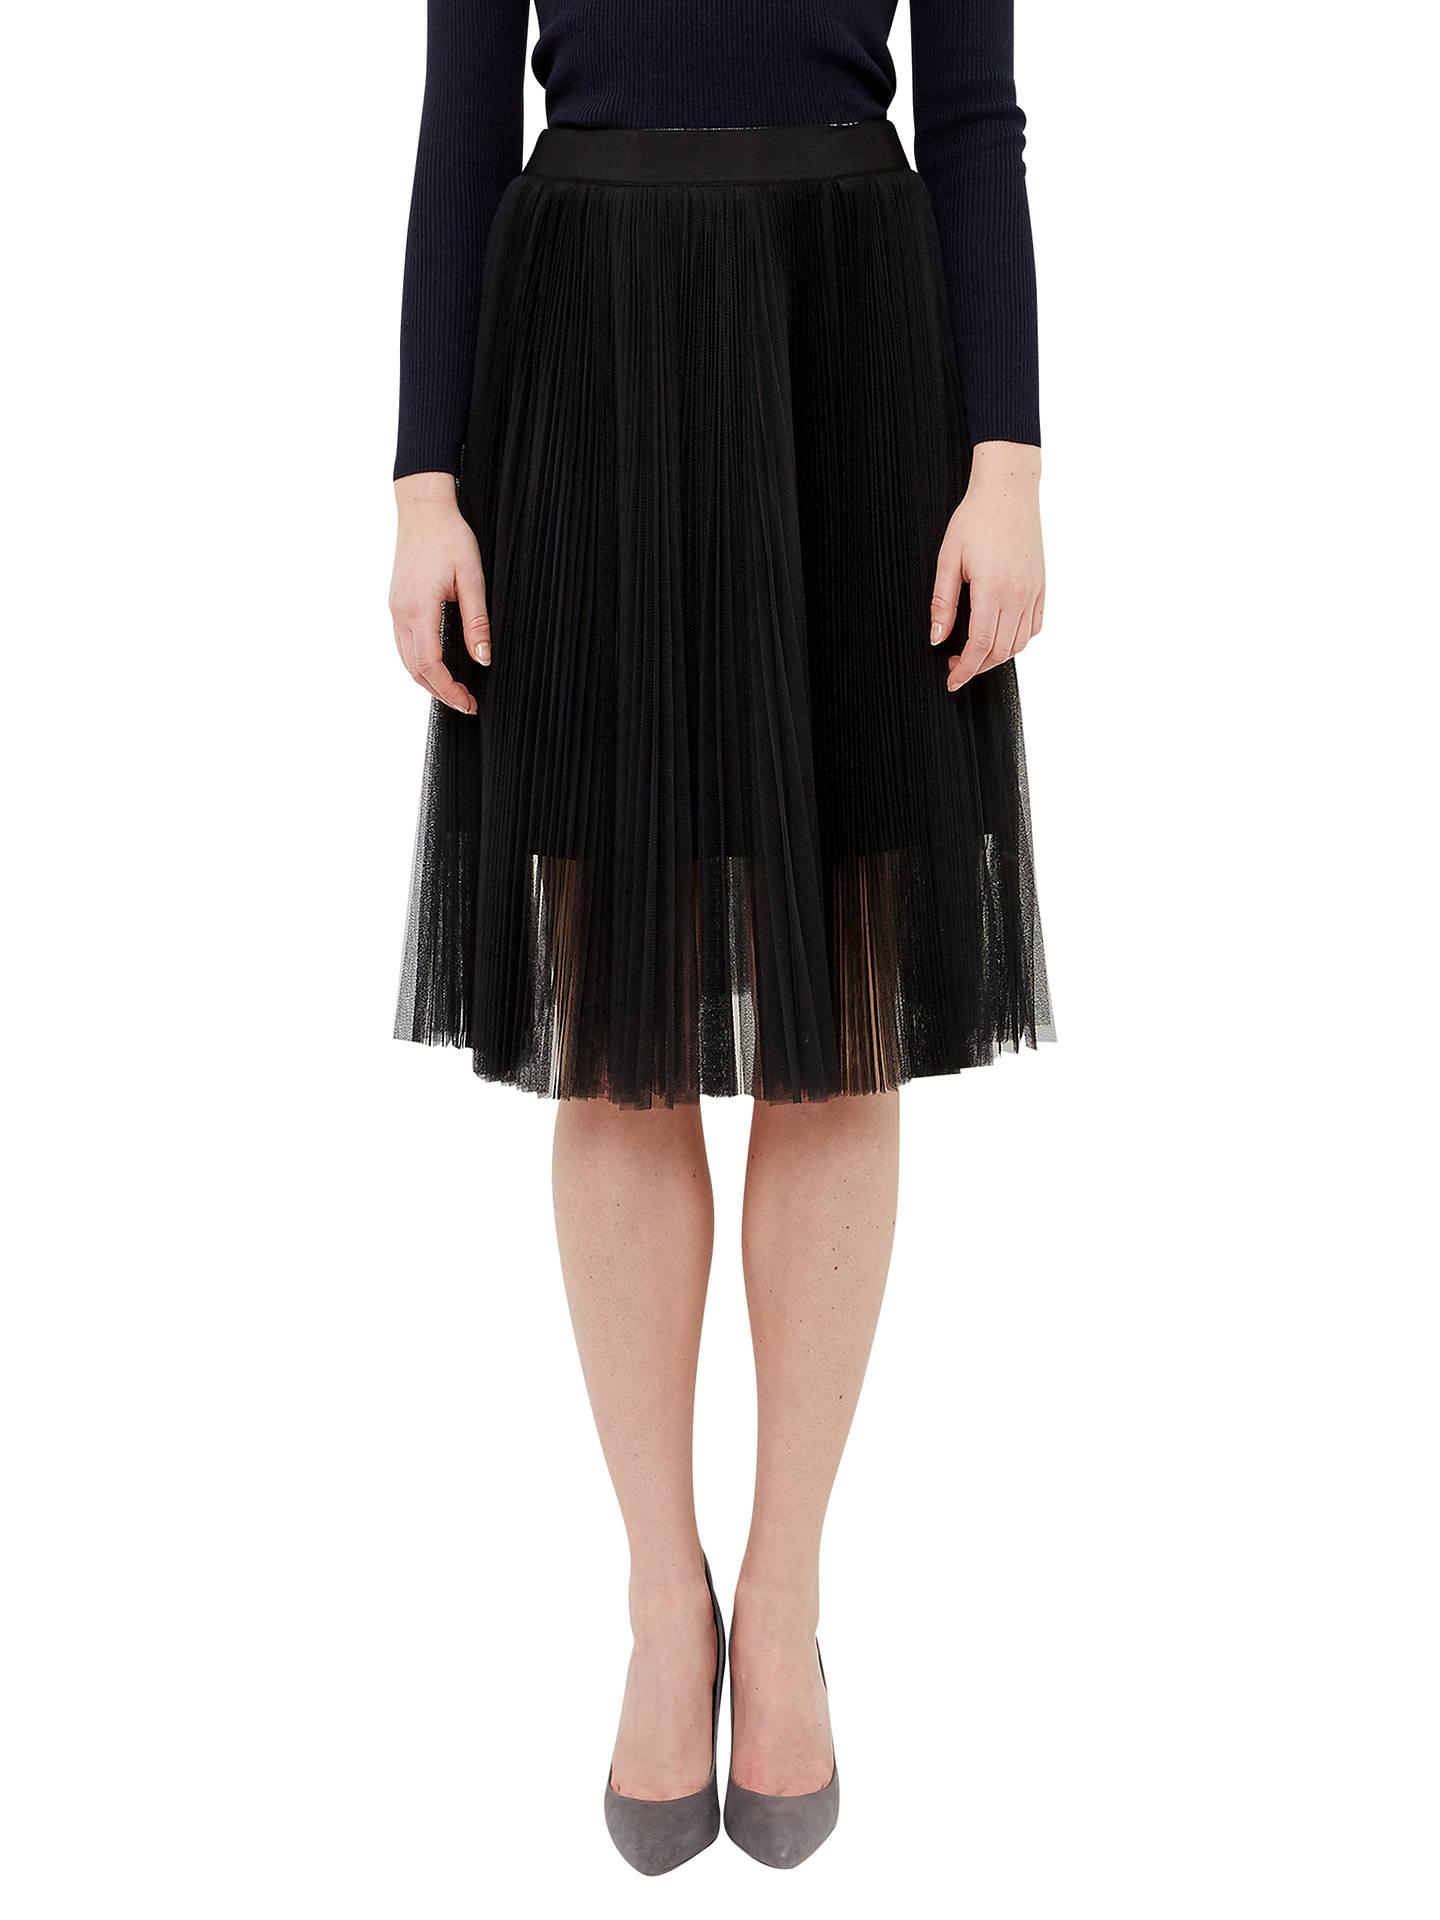 1c46c2484 Buy Ted Baker Filita Tulle Skirt, Black, 0 Online at johnlewis.com ...